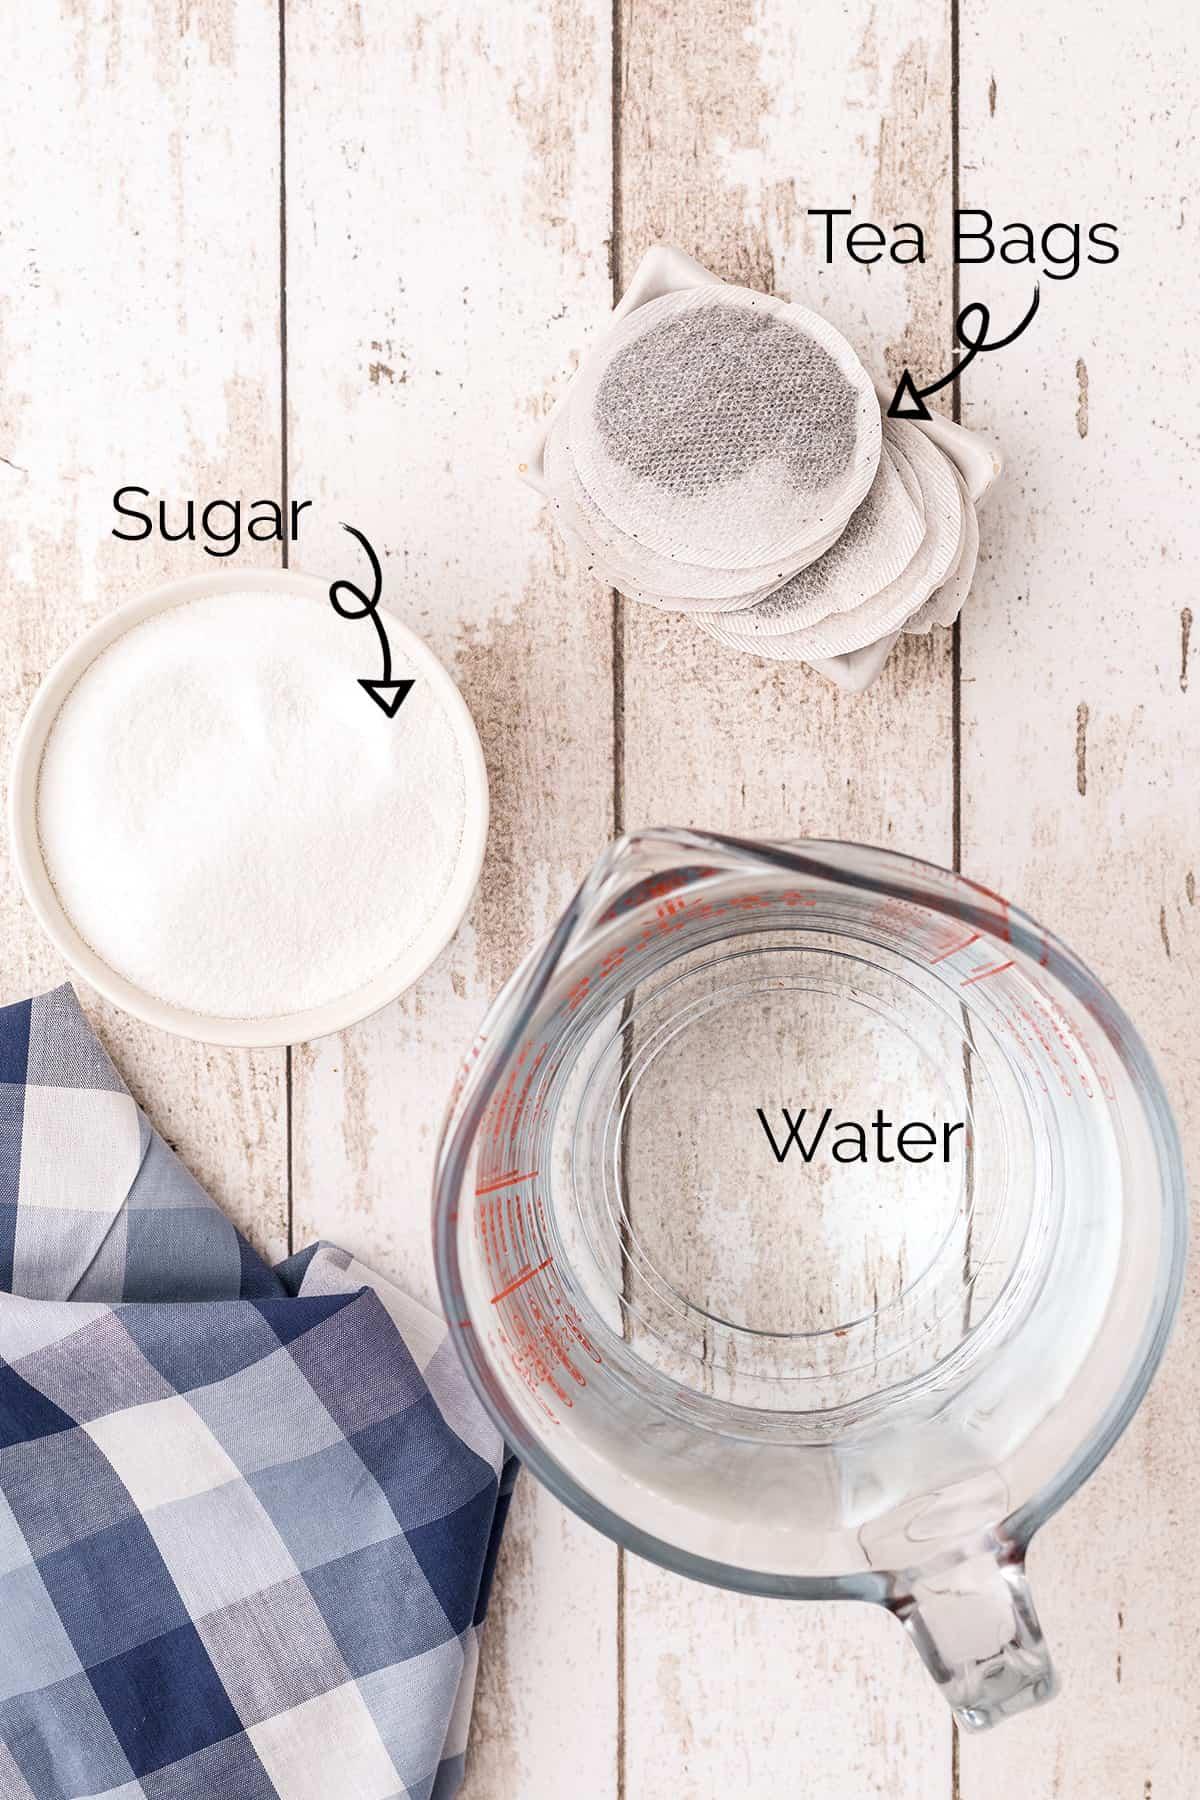 Ingredients needed to make sweet tea -- sugar, tea bags, water.